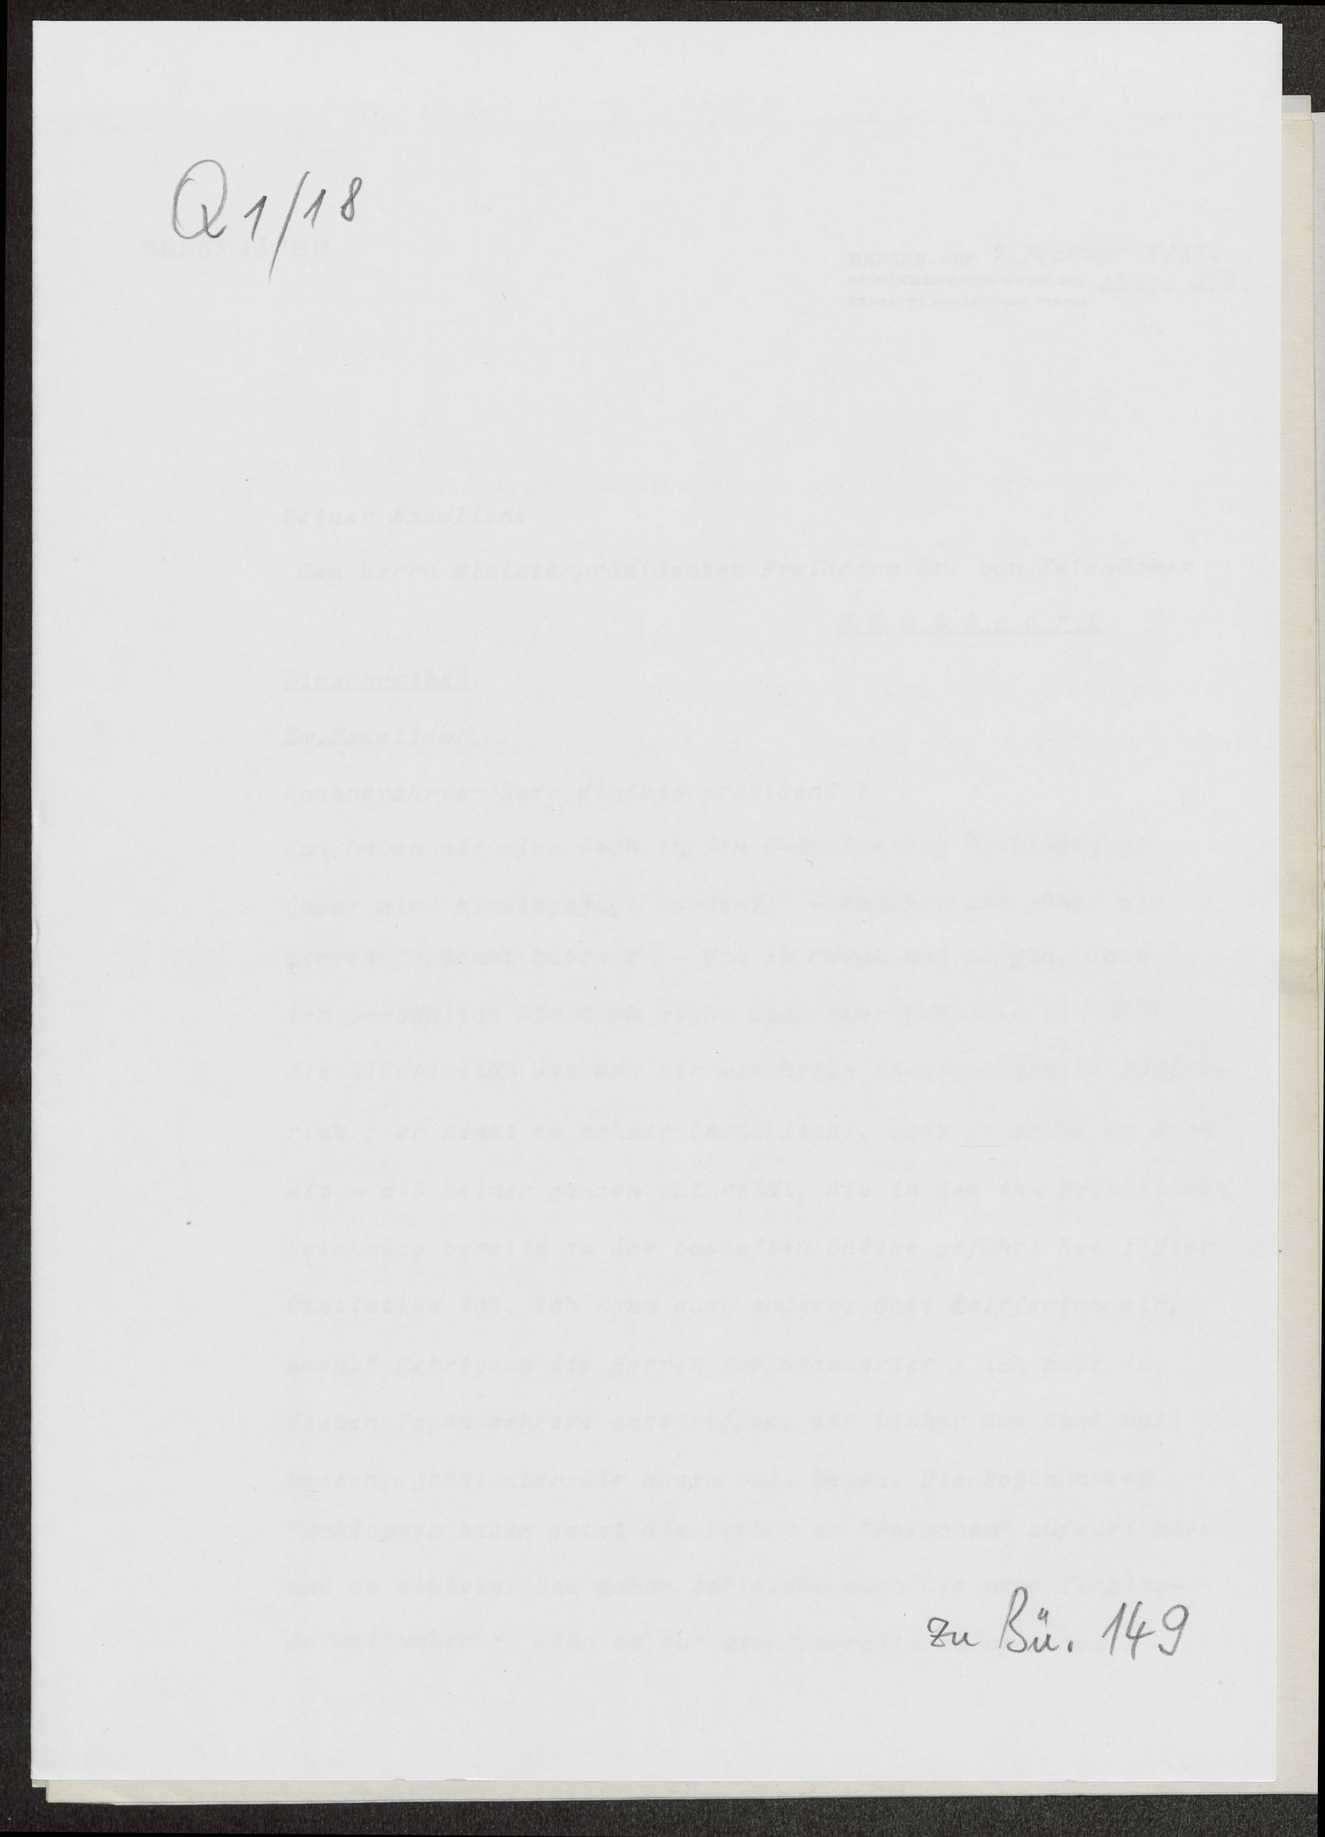 Berichte von Ernst Jäckh, Zentralstelle für Auslandsdienst, Berlin, an Weizsäcker über die politische und militärische Lage, insbesondere im Vorderen Orient, auf dem Balkan und im Osten, Bild 1